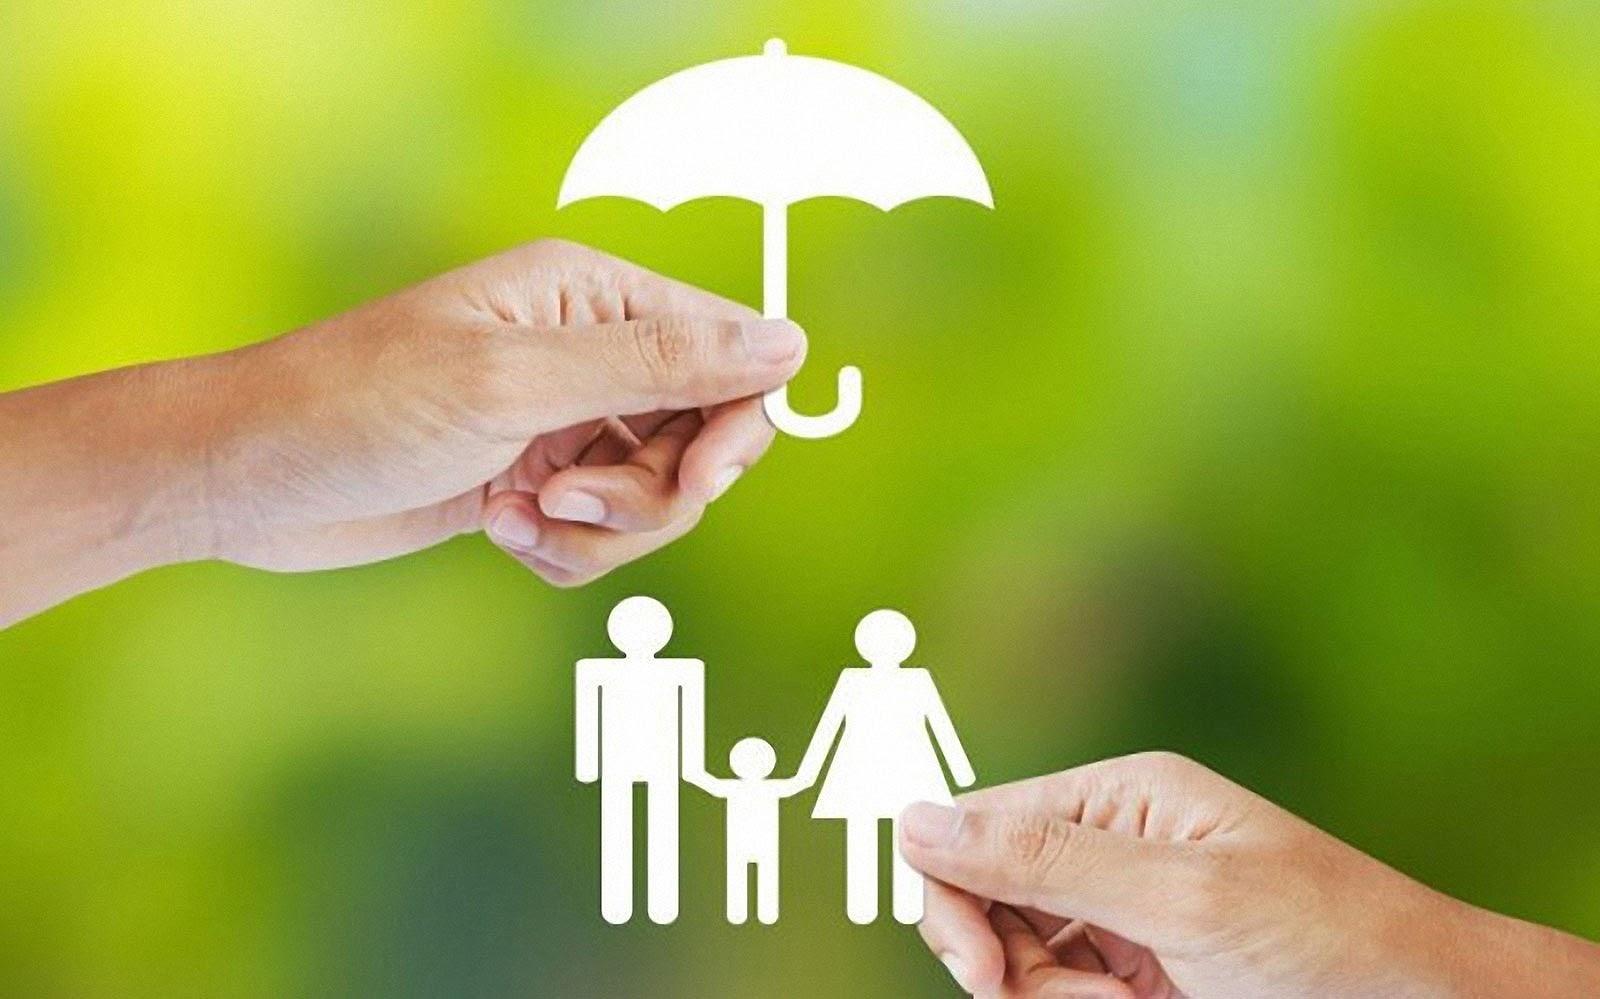 7 gói bảo hiểm khuyên các gia đình nên sử dụng để tránh được rủi ro trong cuộc sống - Ảnh 4.